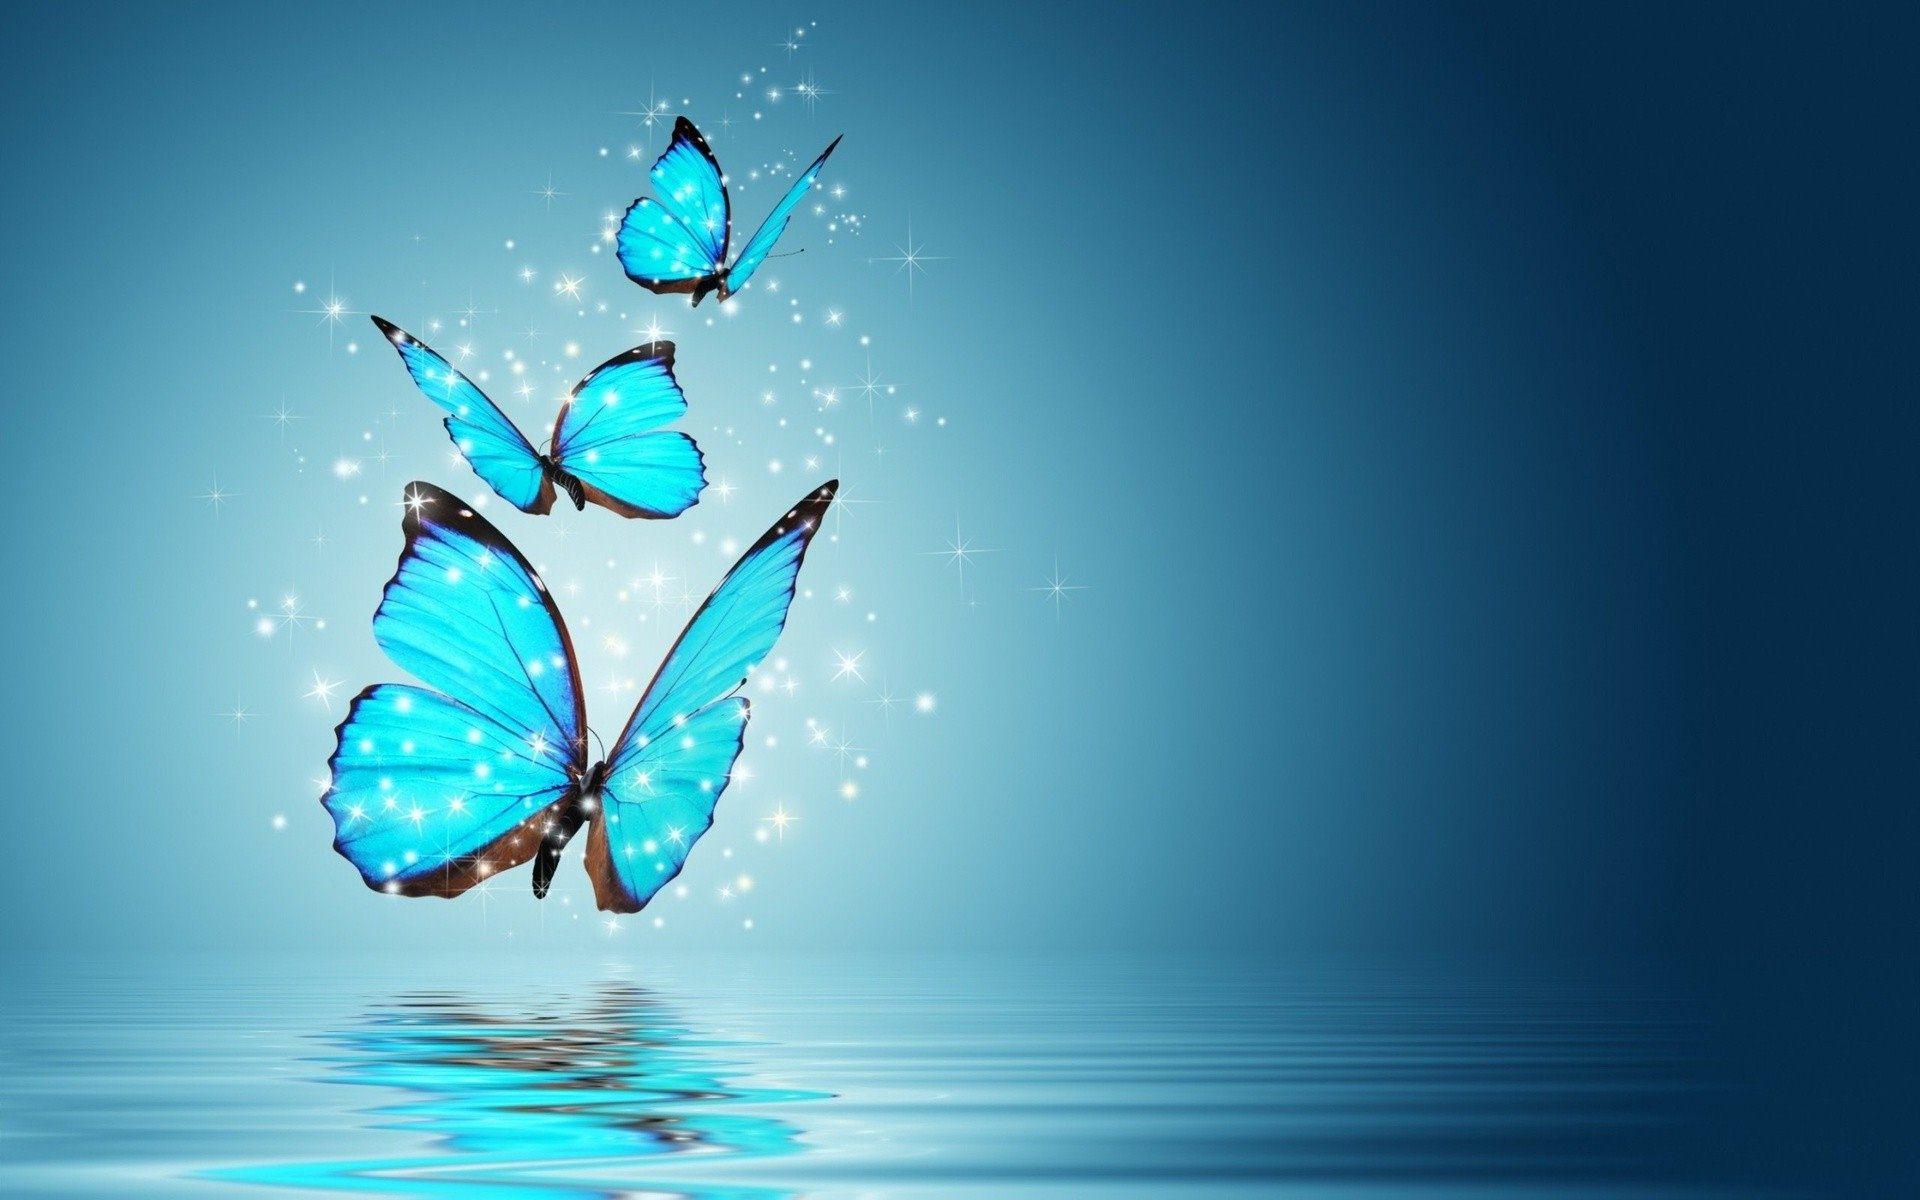 Blue Butterfly Wallpaper HD 1920x1200